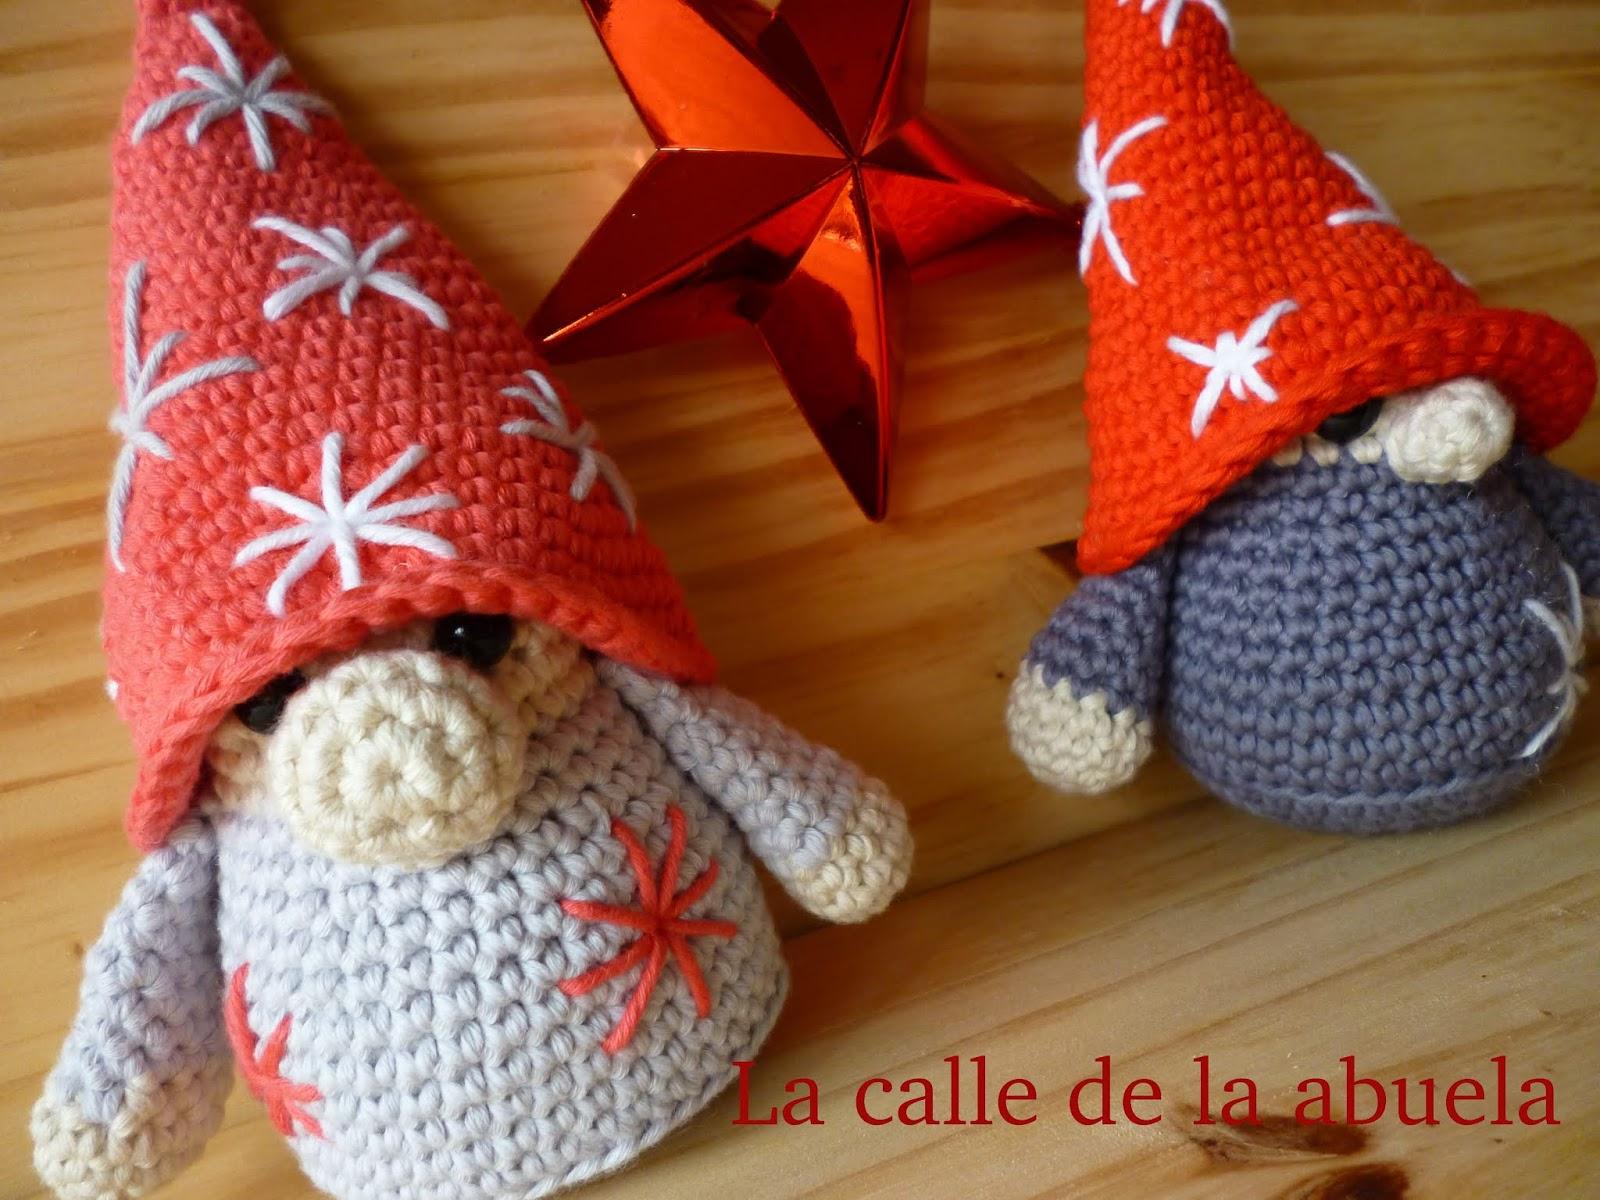 Christmas deer amigurumi pattern - Amigurumi Today   1200x1600